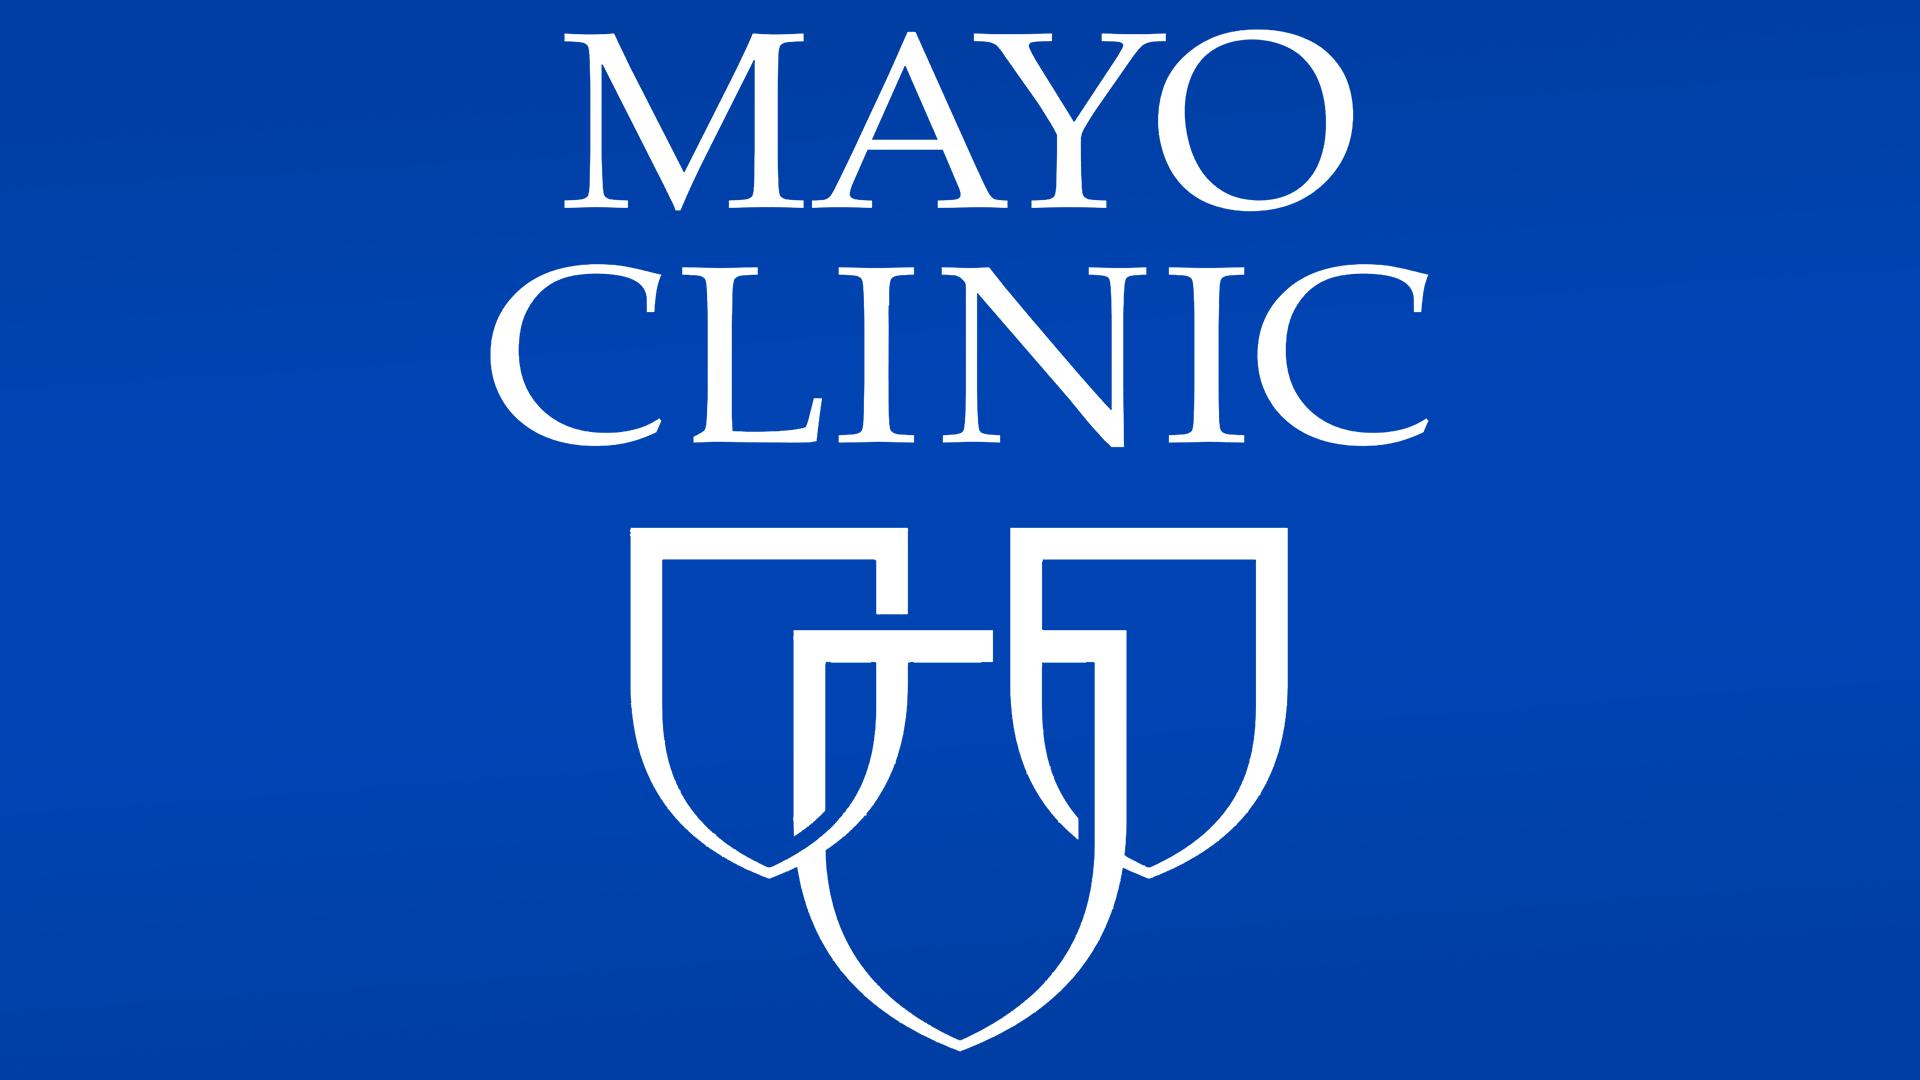 KELO Mayo Clinic